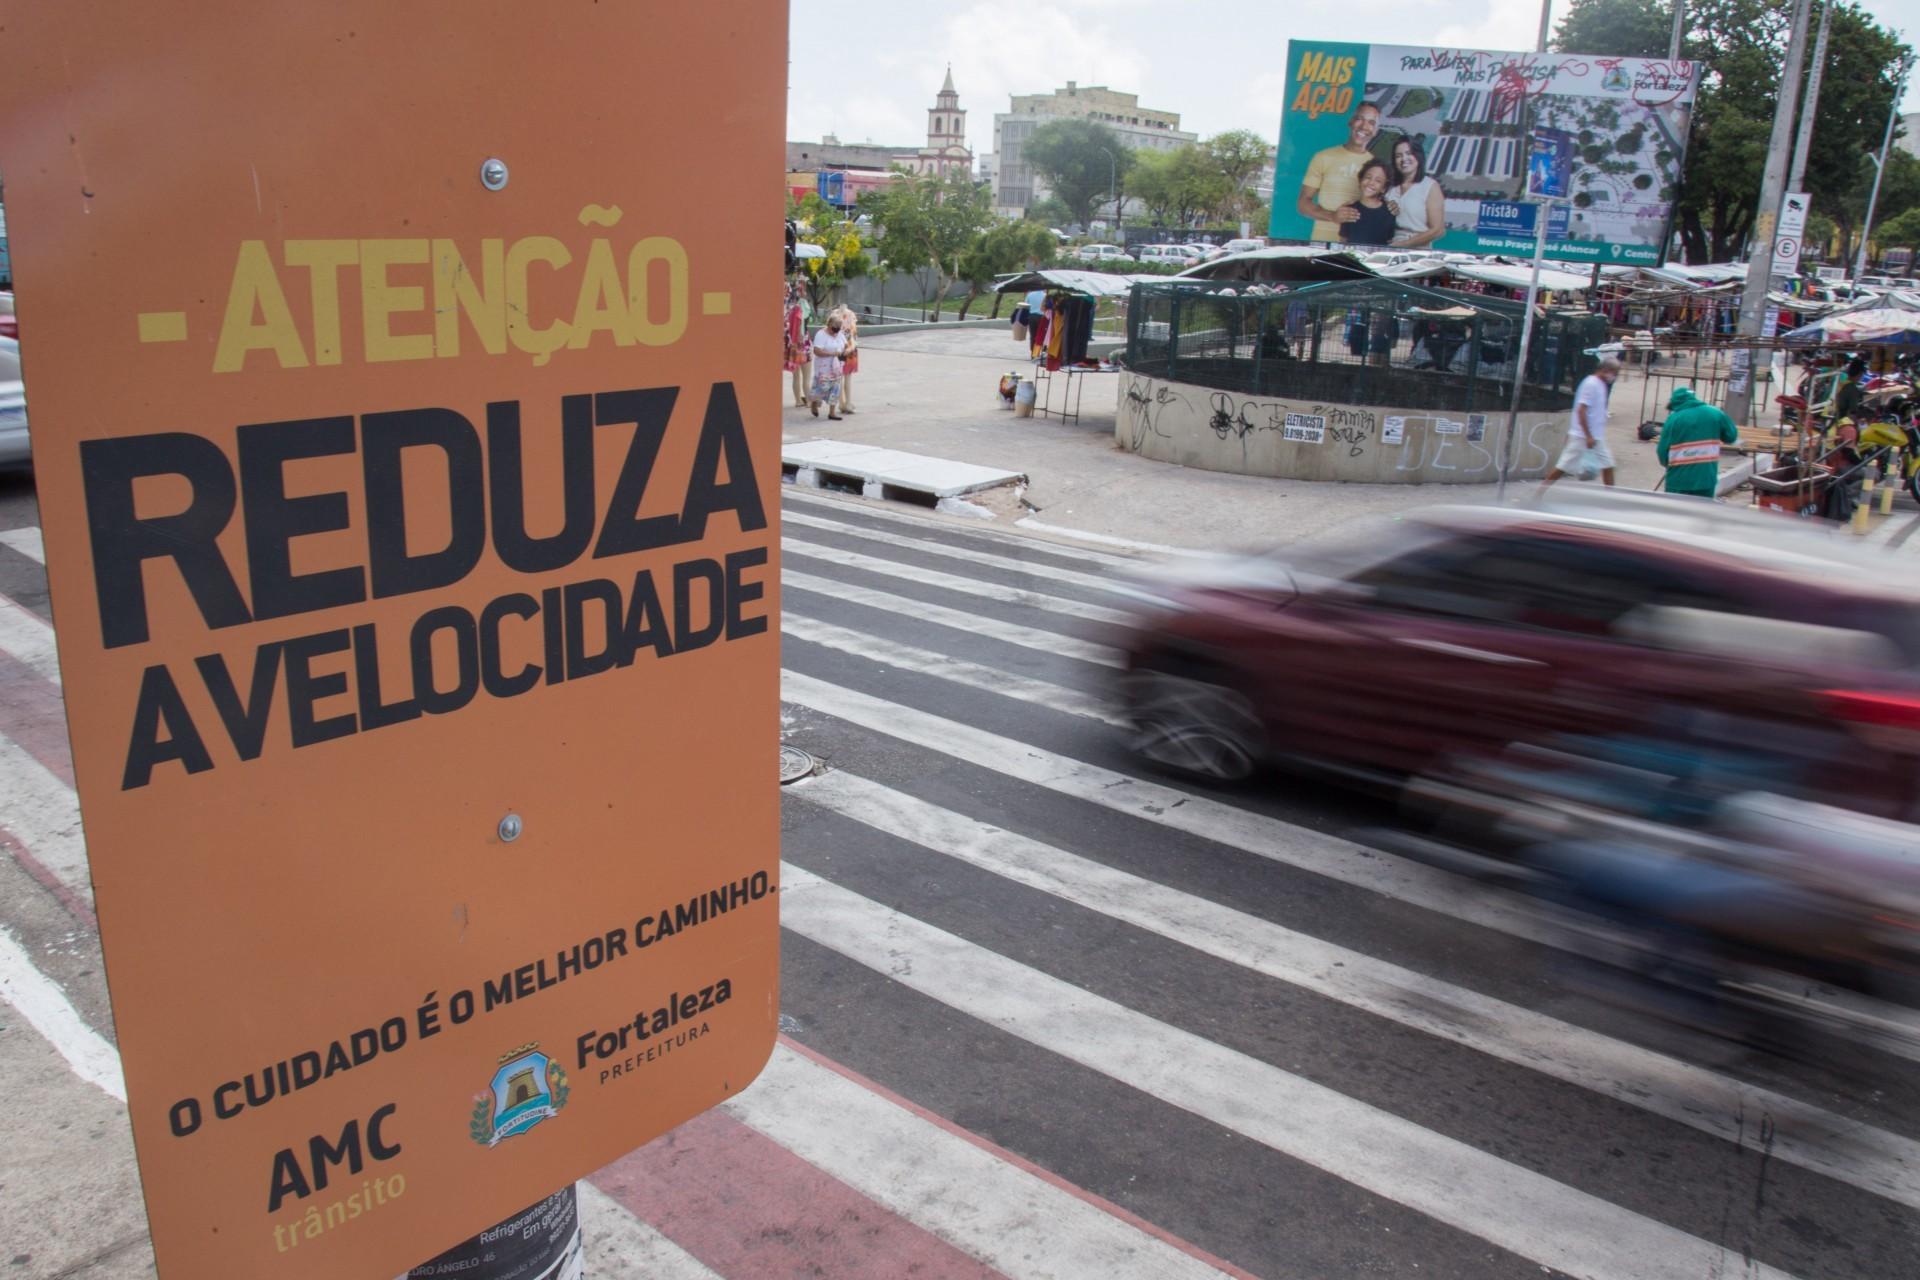 NA AVENIDA Tristão Gonçalves esquina com a rua Liberato Barroso está localizada a maior faixa de pedestres do Brasil (Foto: Yago Albuquerque / Especial para O Povo)